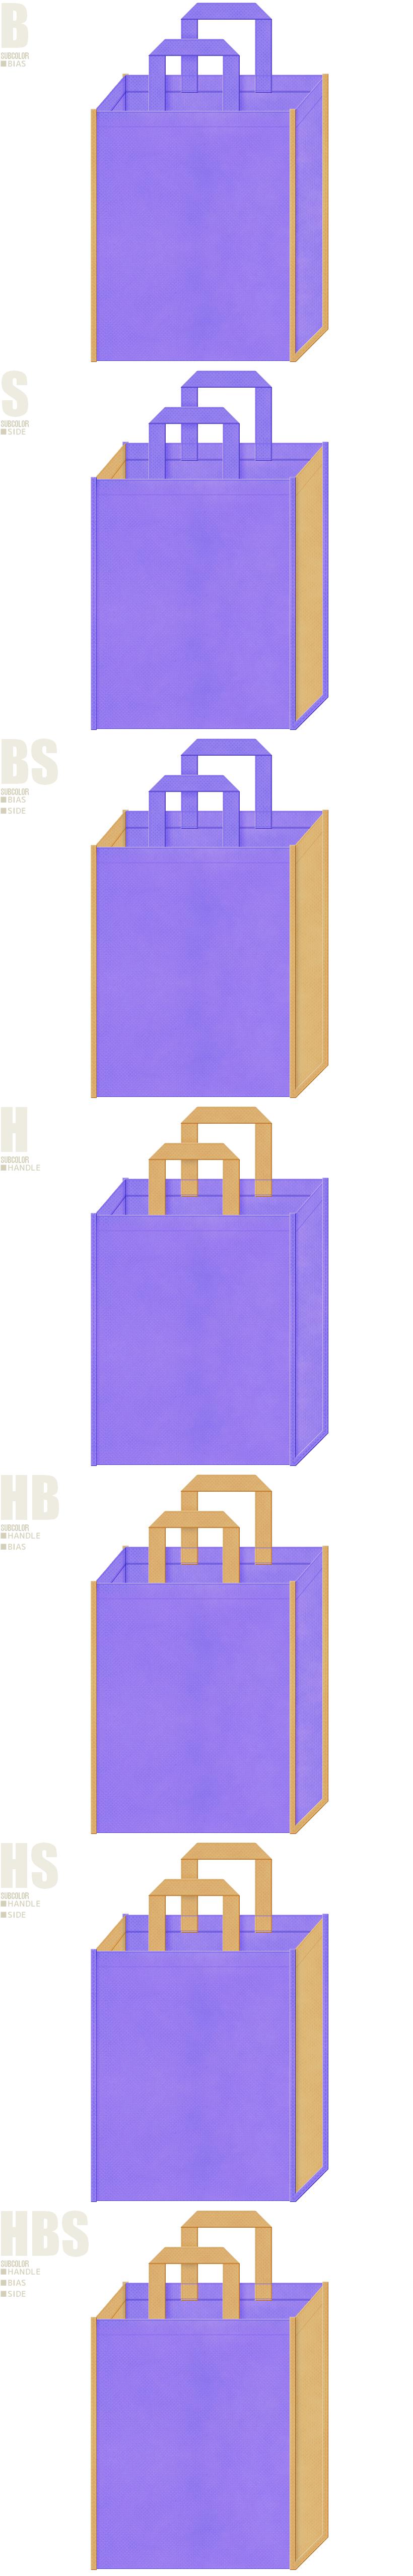 薄紫色と薄黄土色の配色7パターン:不織布トートバッグのデザイン